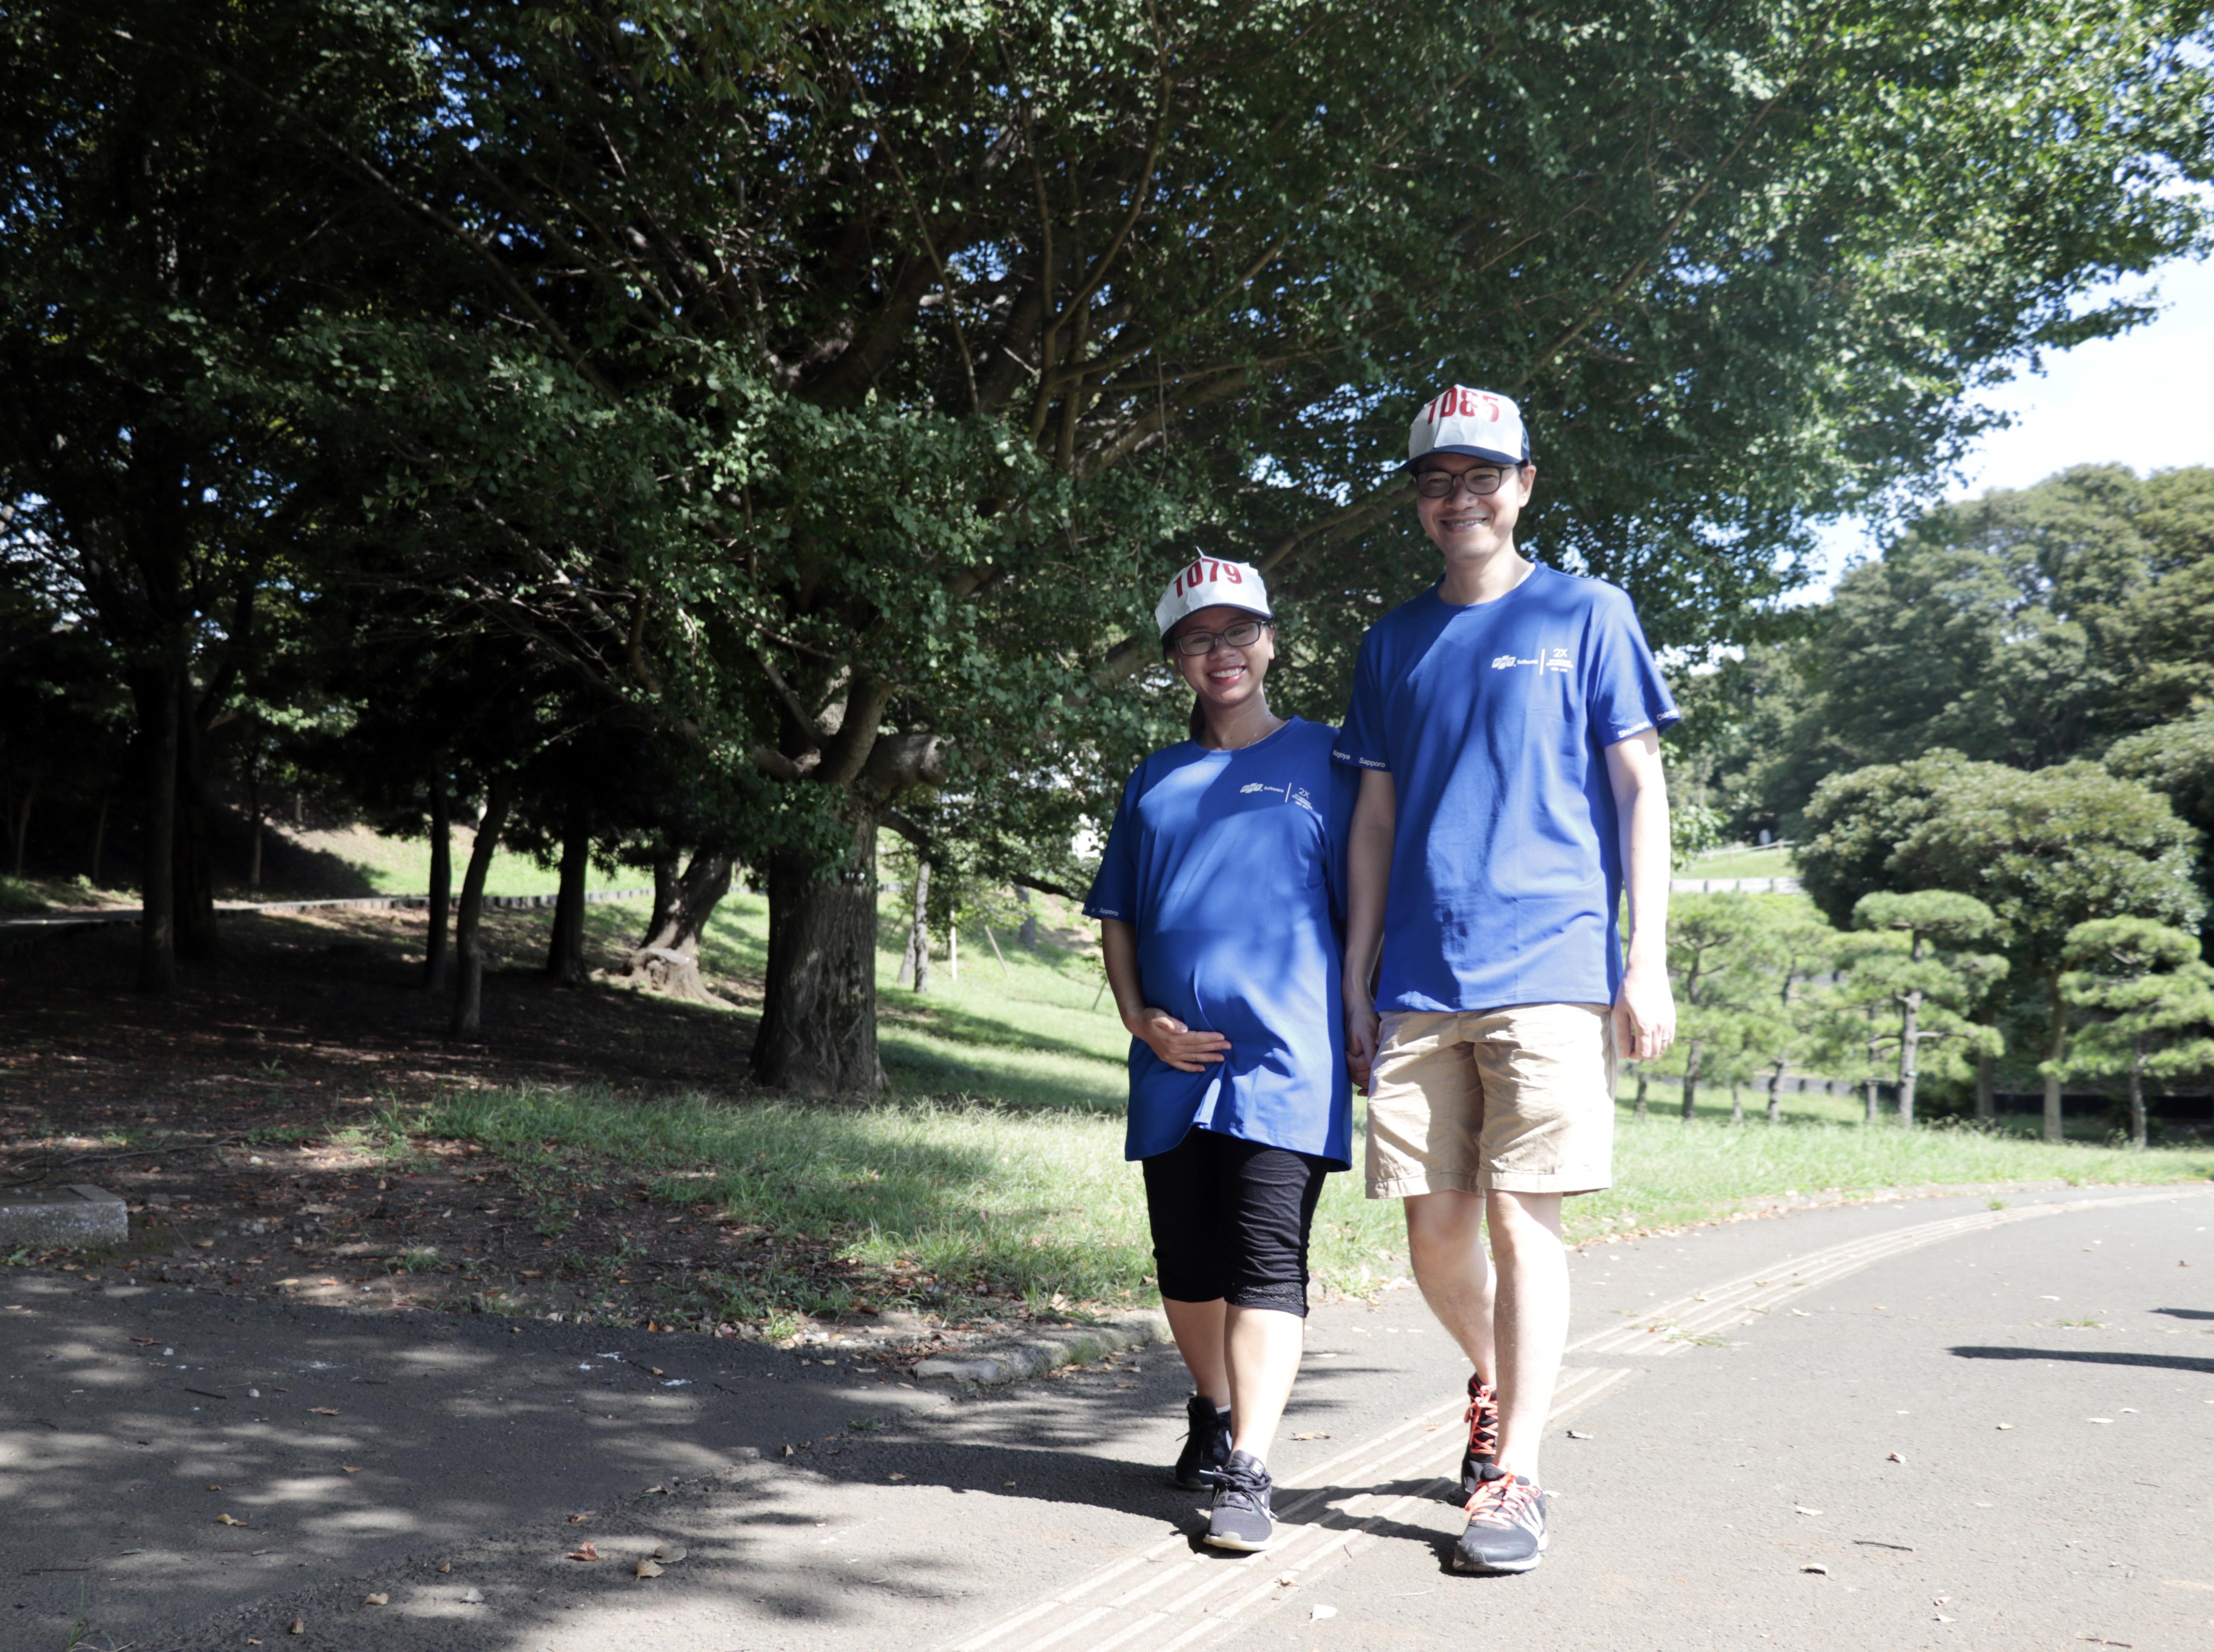 """Dù đang mang bầu 7 tháng nhưng chị Lê Thị Phương Anh (FPT Japan) vẫn đăng ký tham gia chương trình cùng ông xã Nguyễn Tiến Quyền. Chị Anh cho hay, đi bộ để rèn luyện sức khỏe, tinh thần và sẵn sàng cho cuộc """"vượt cạn"""" sắp tới."""